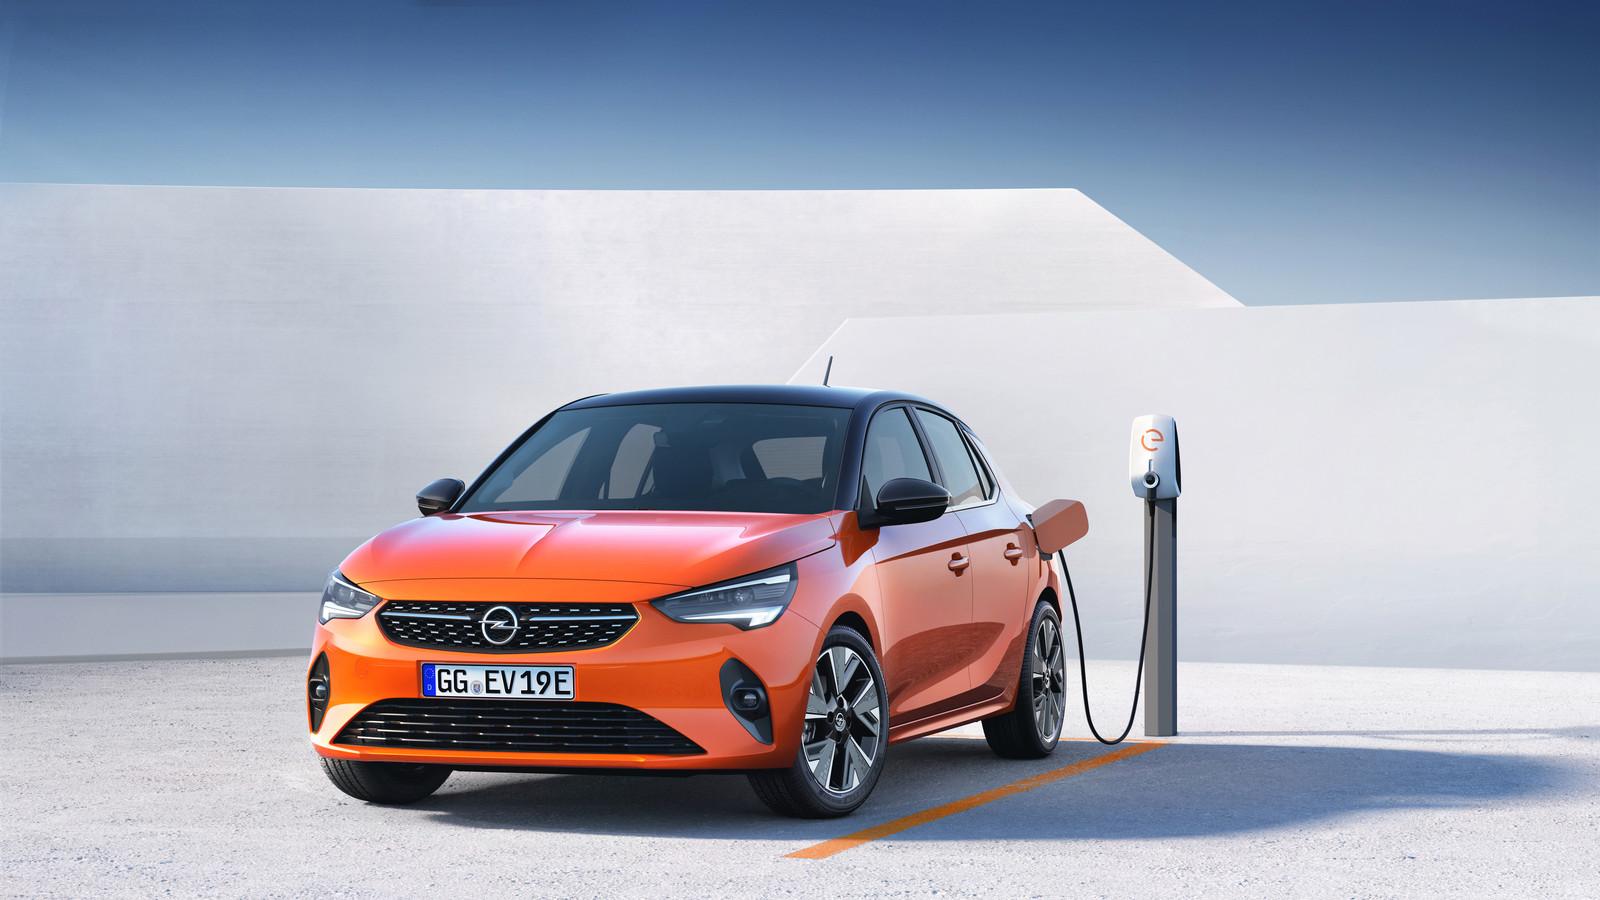 De Opel Corsa-e gaat de concurrentie aan met de Renault Zoe en de Peugeot 208.